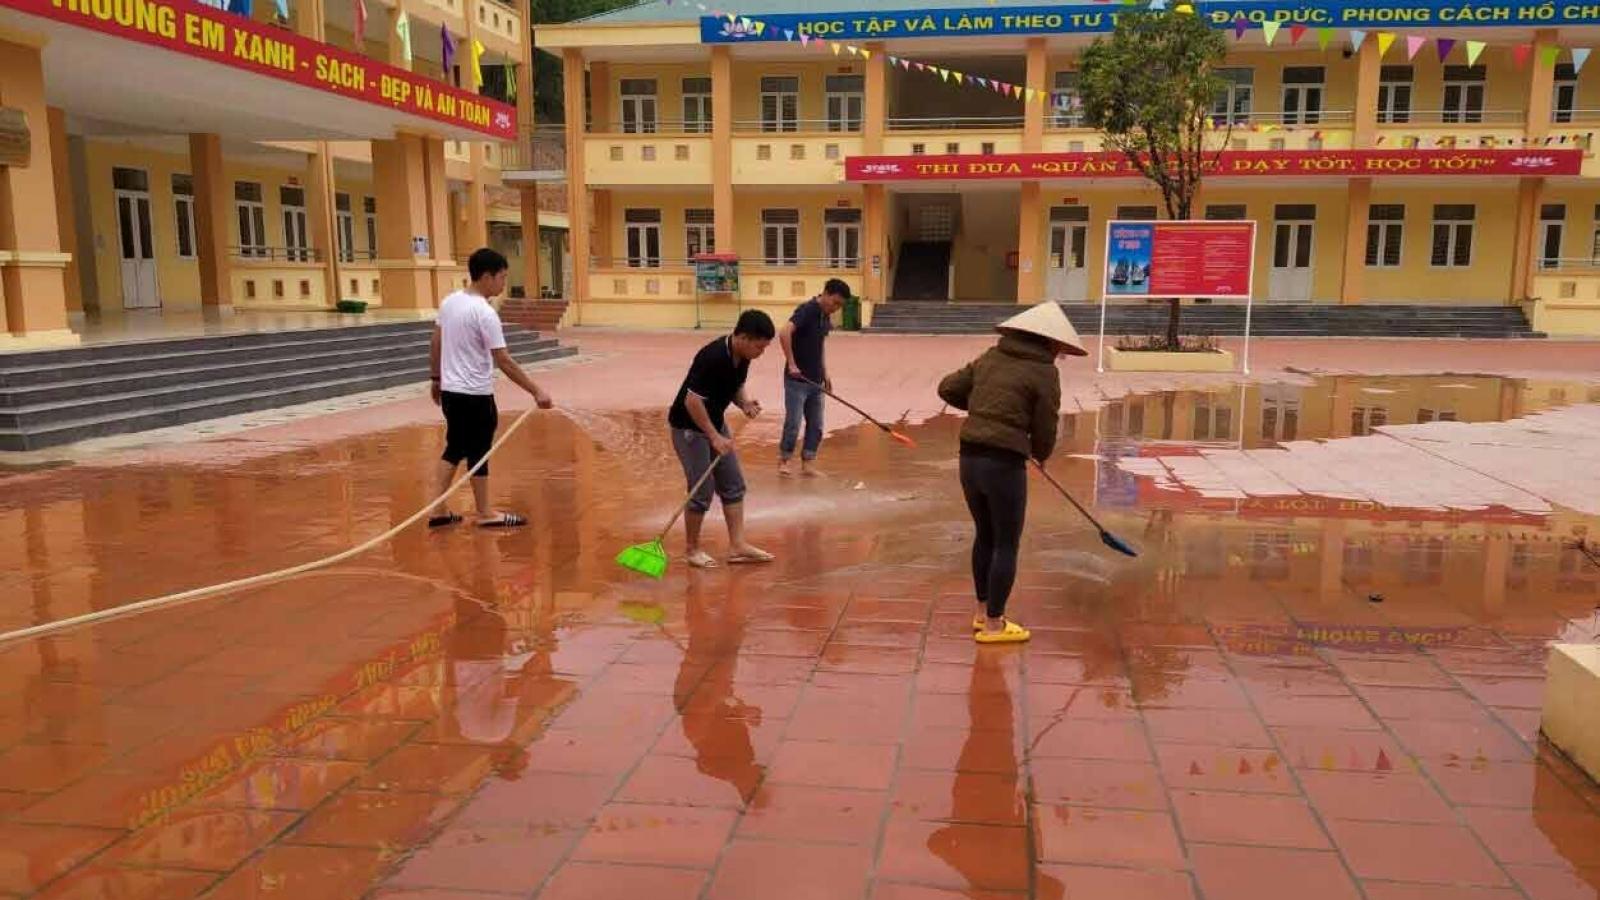 Đảm bảo các điều kiện an toàn để học sinh Quảng Ninh quay trở lại trường học